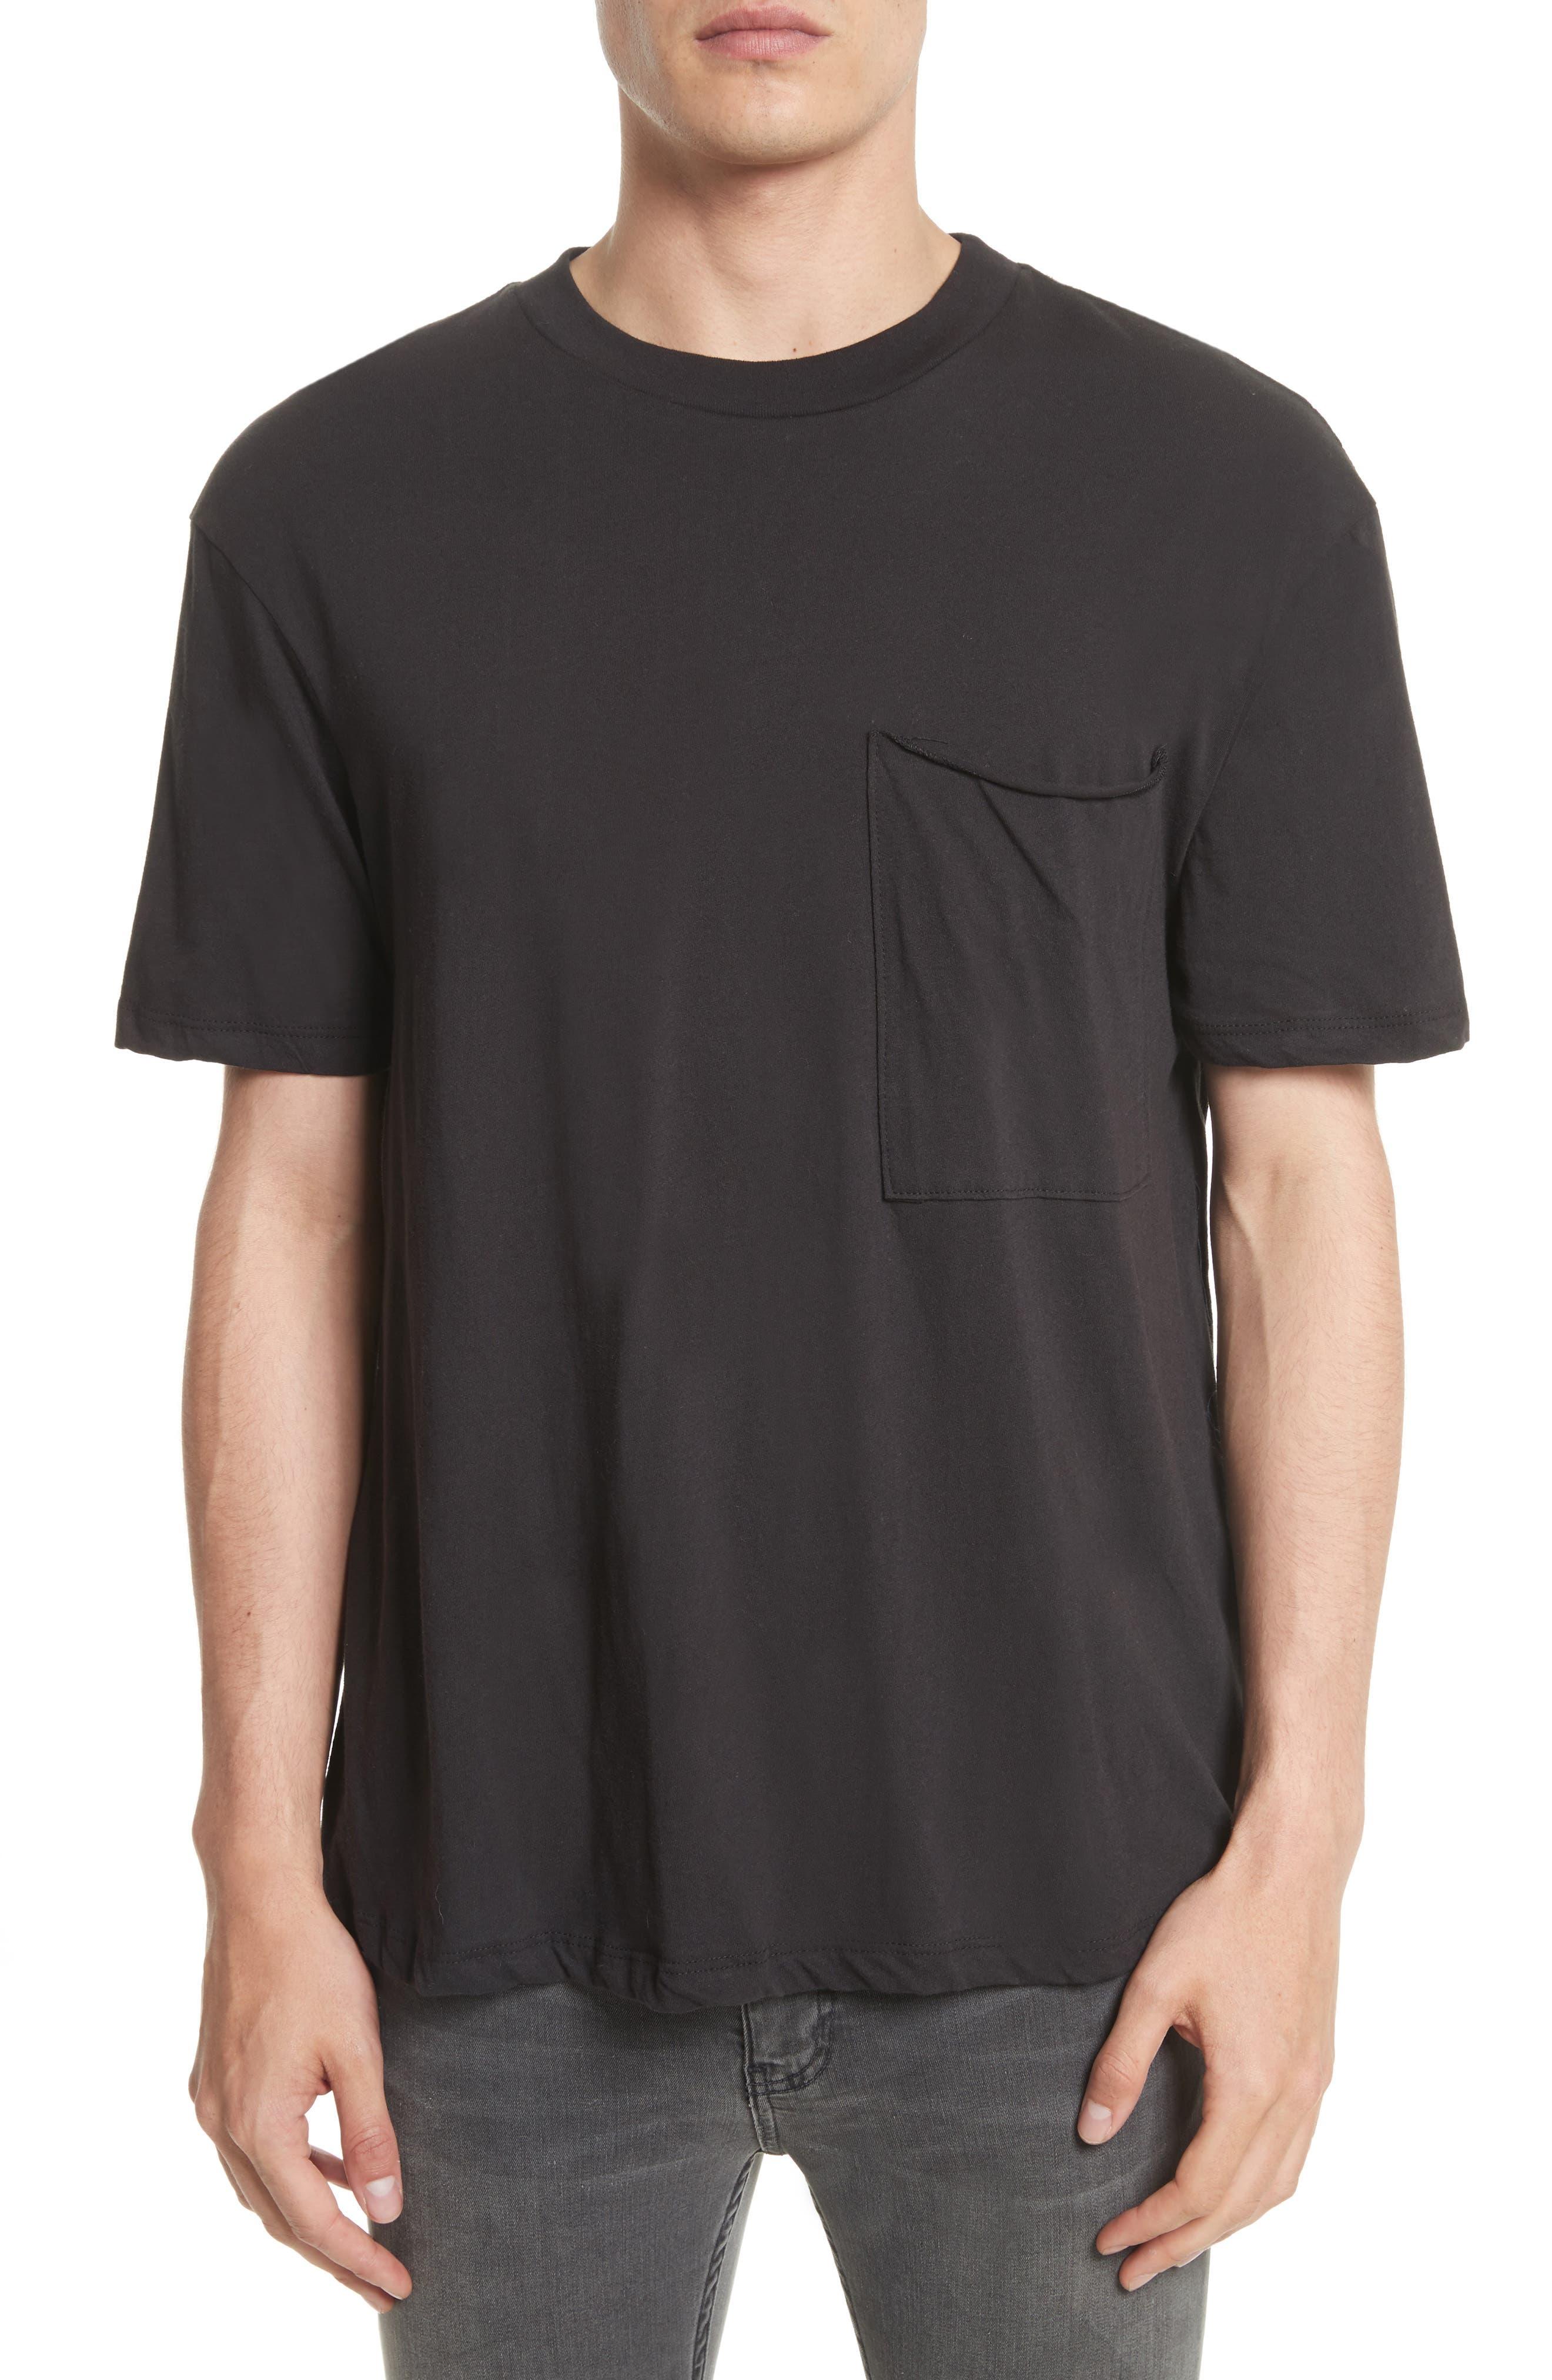 Drifter Ibidem Pocket T-Shirt